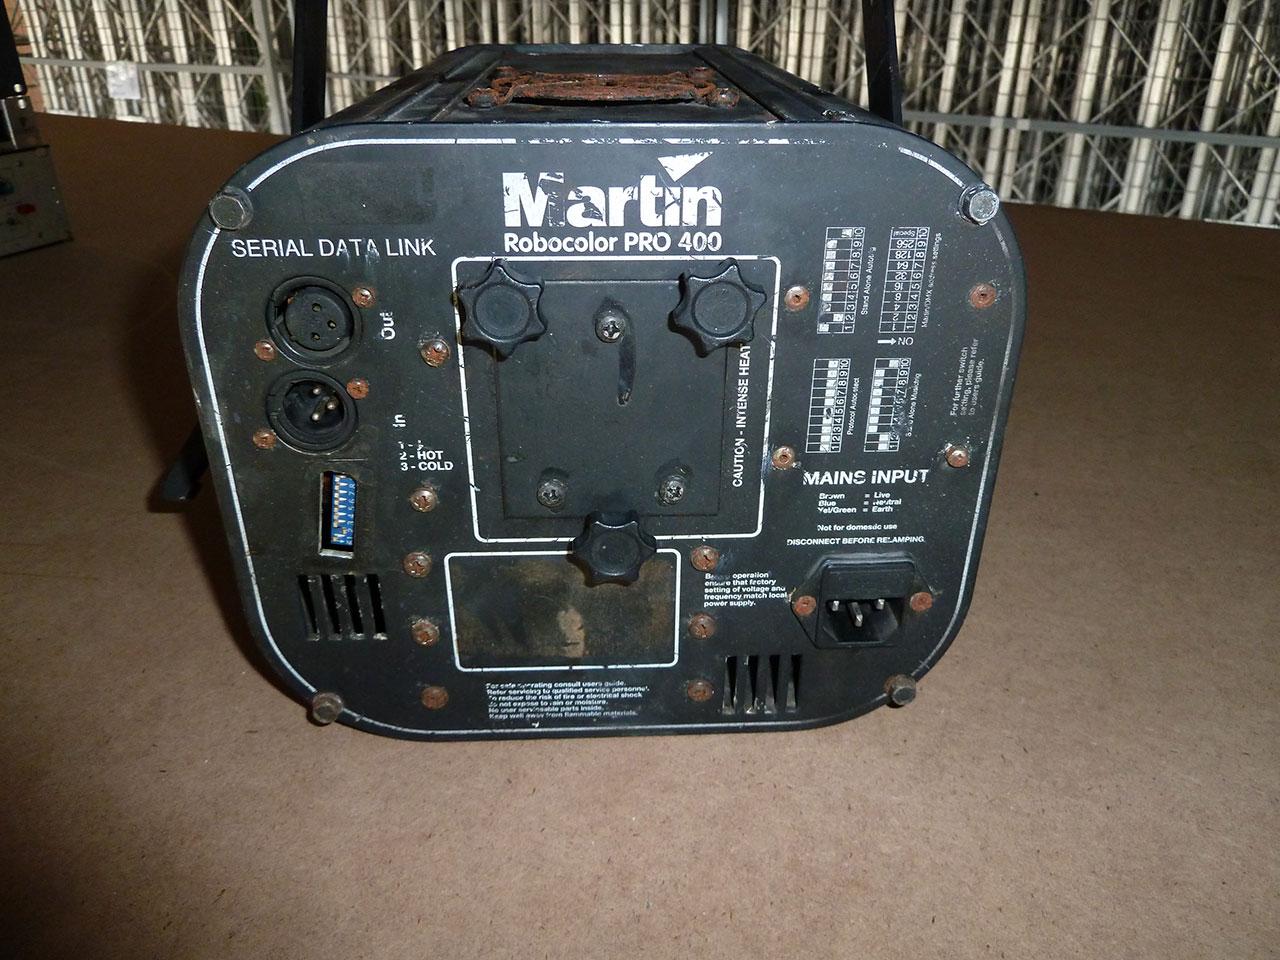 projector-robocolor-pro-400-1